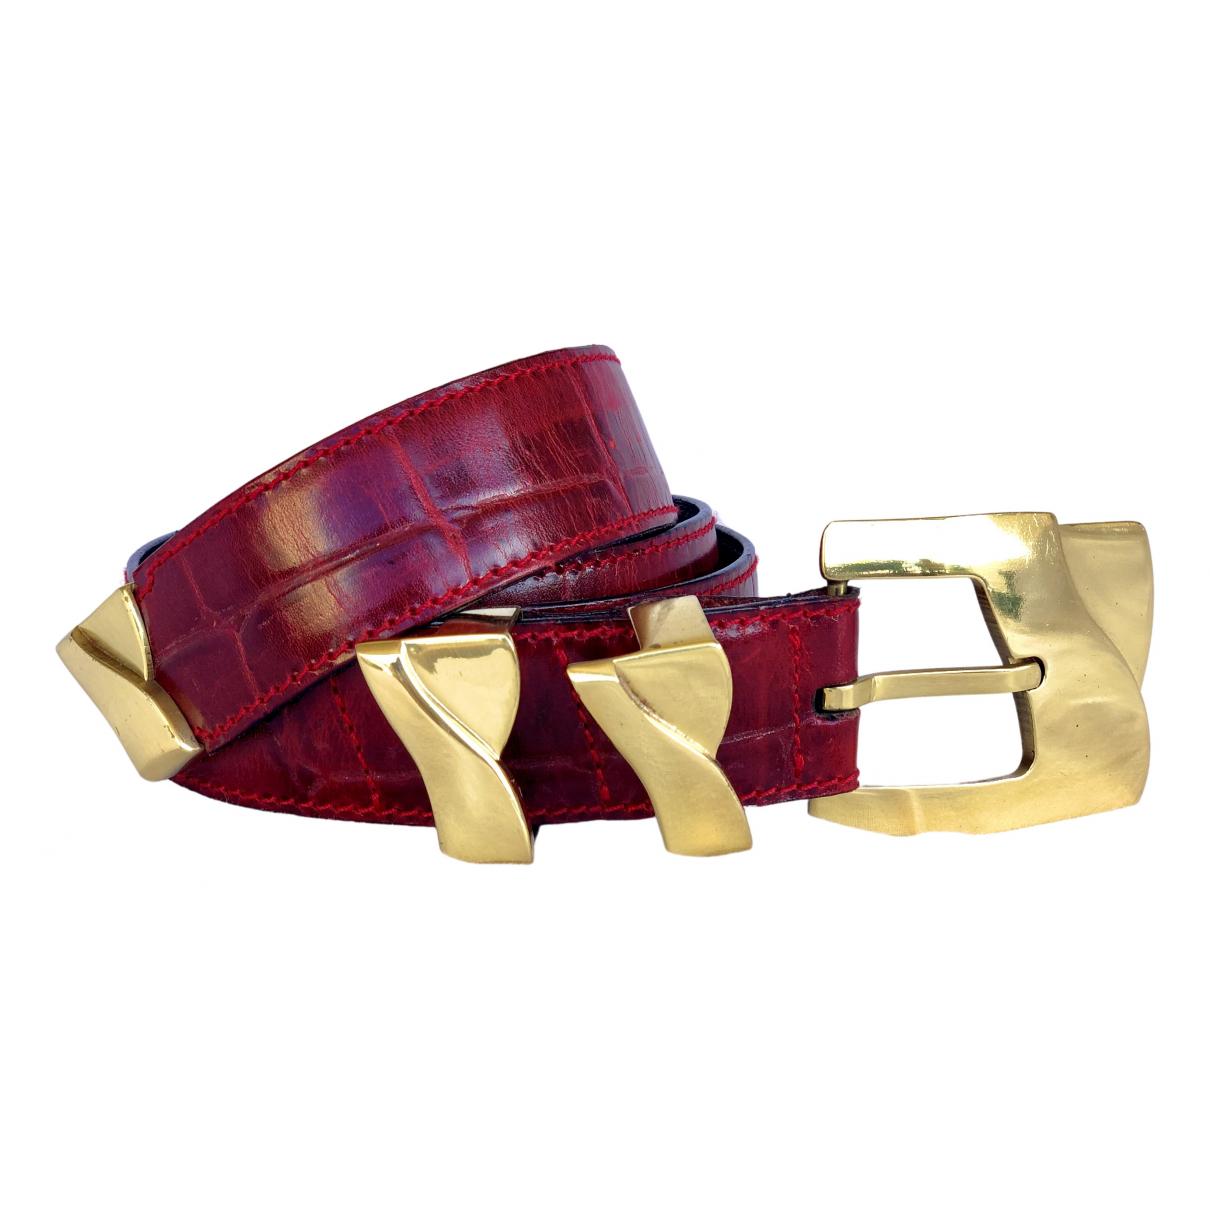 Cinturon de Cuero Gianni Versace